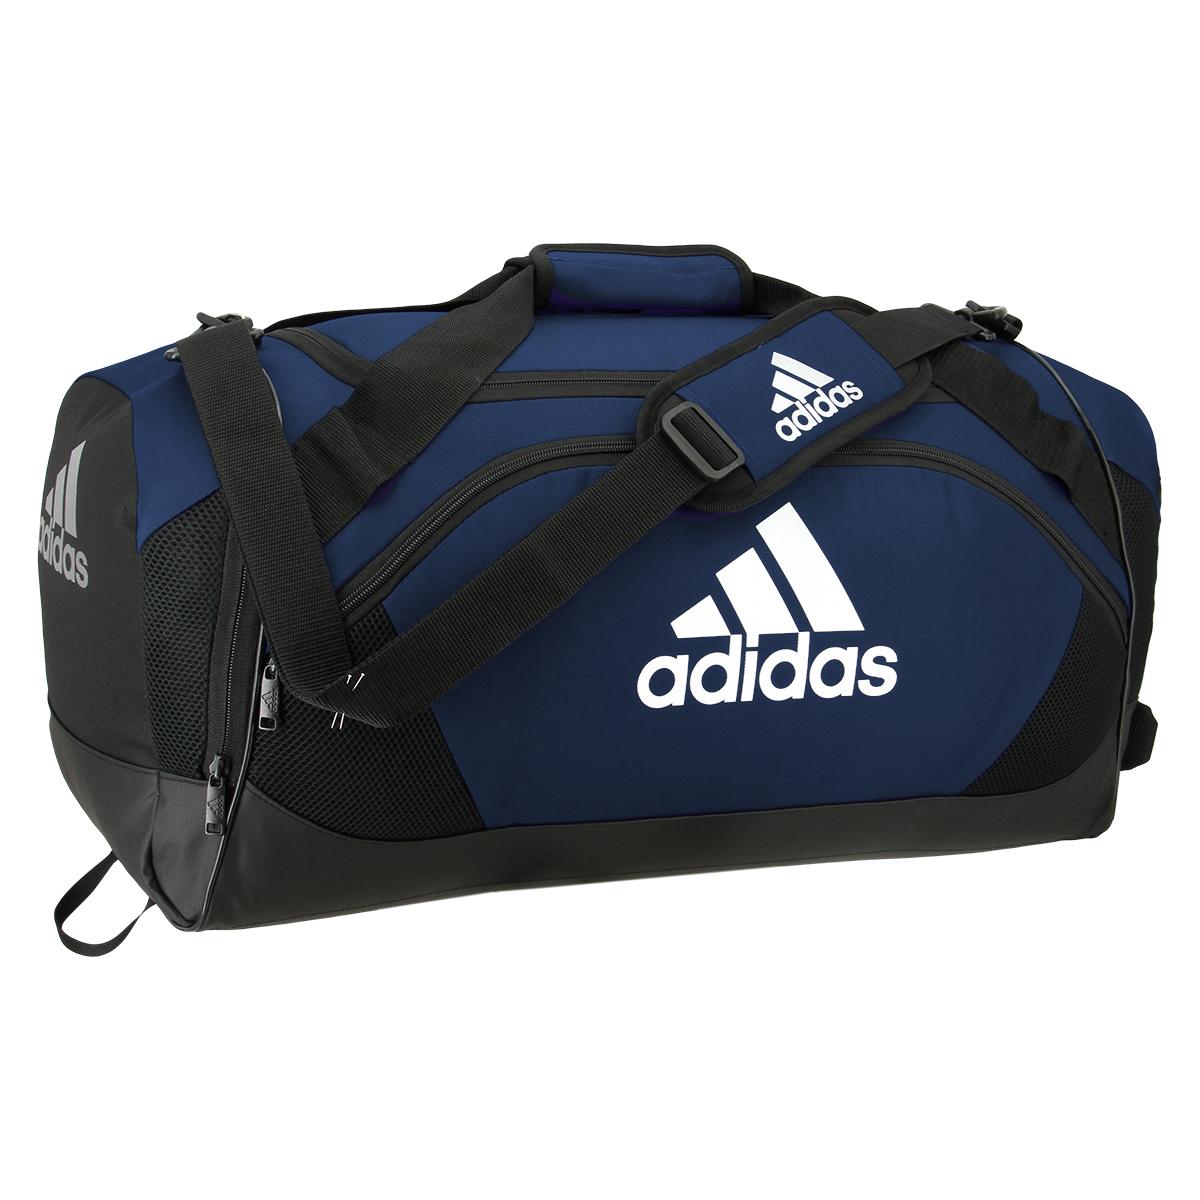 Adidas Team Issue Duffel-Medium  331c2e46c5a1e